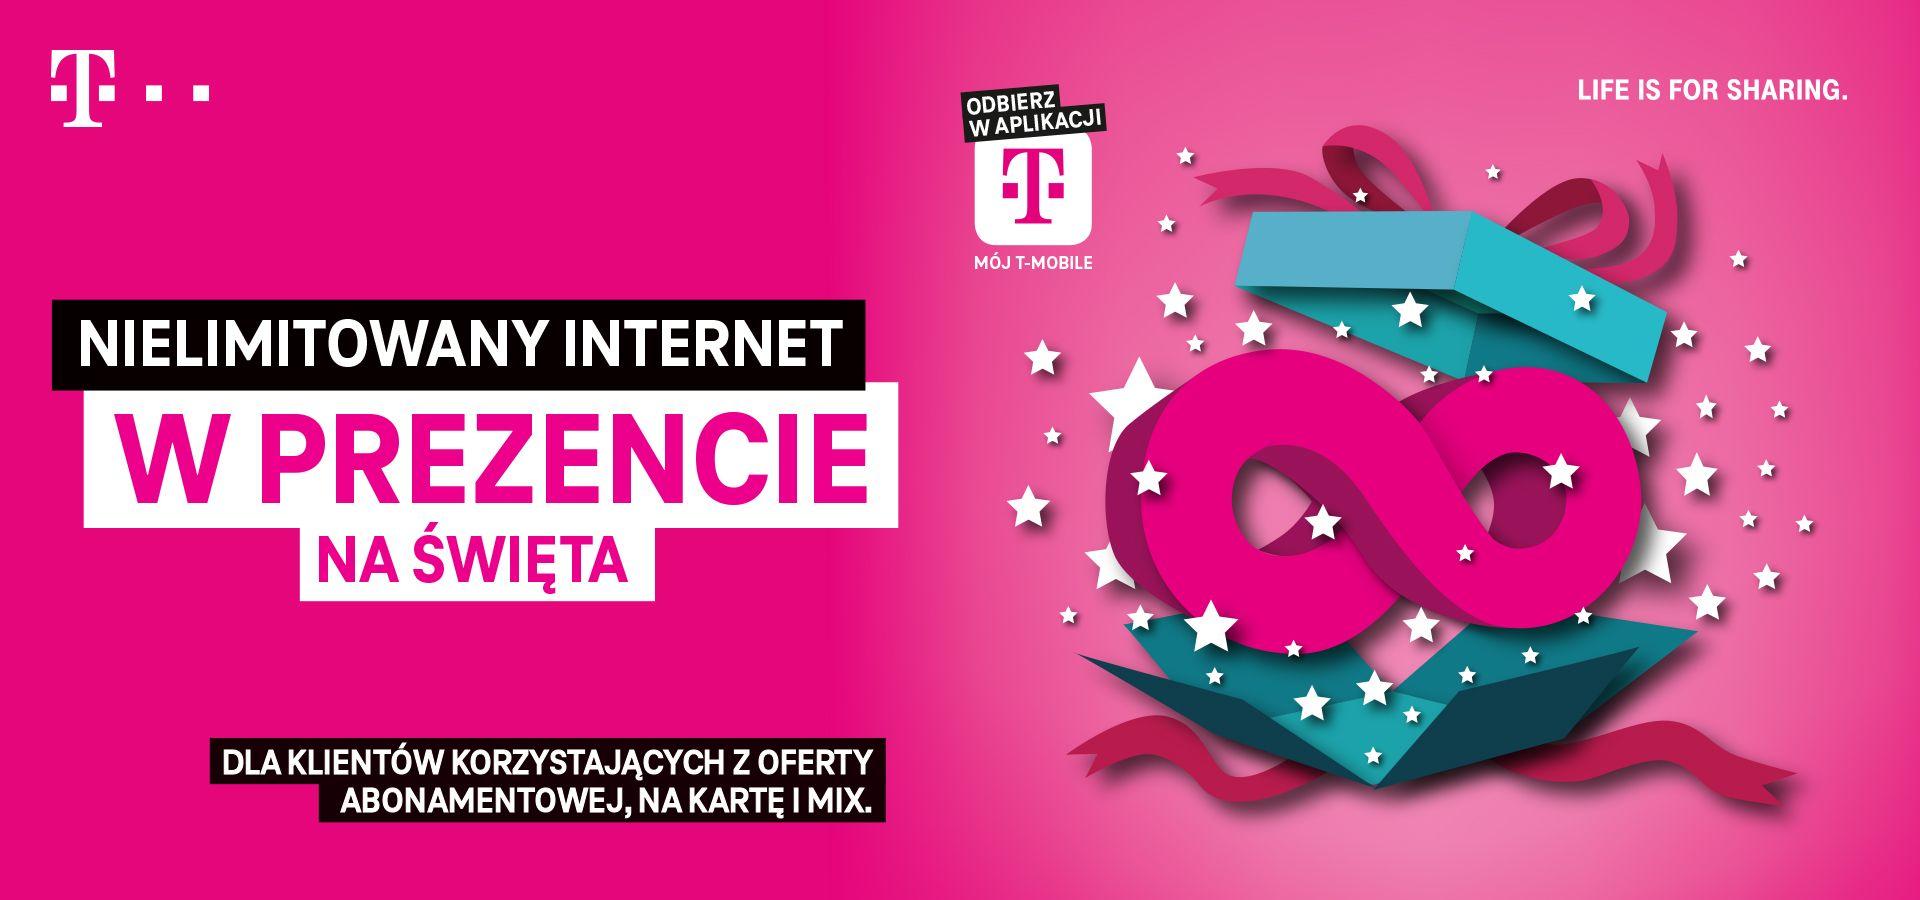 Nielimitowany Internet na święta w T-Mobile! Do aktywowania w aplikacji Mój Tmobile.